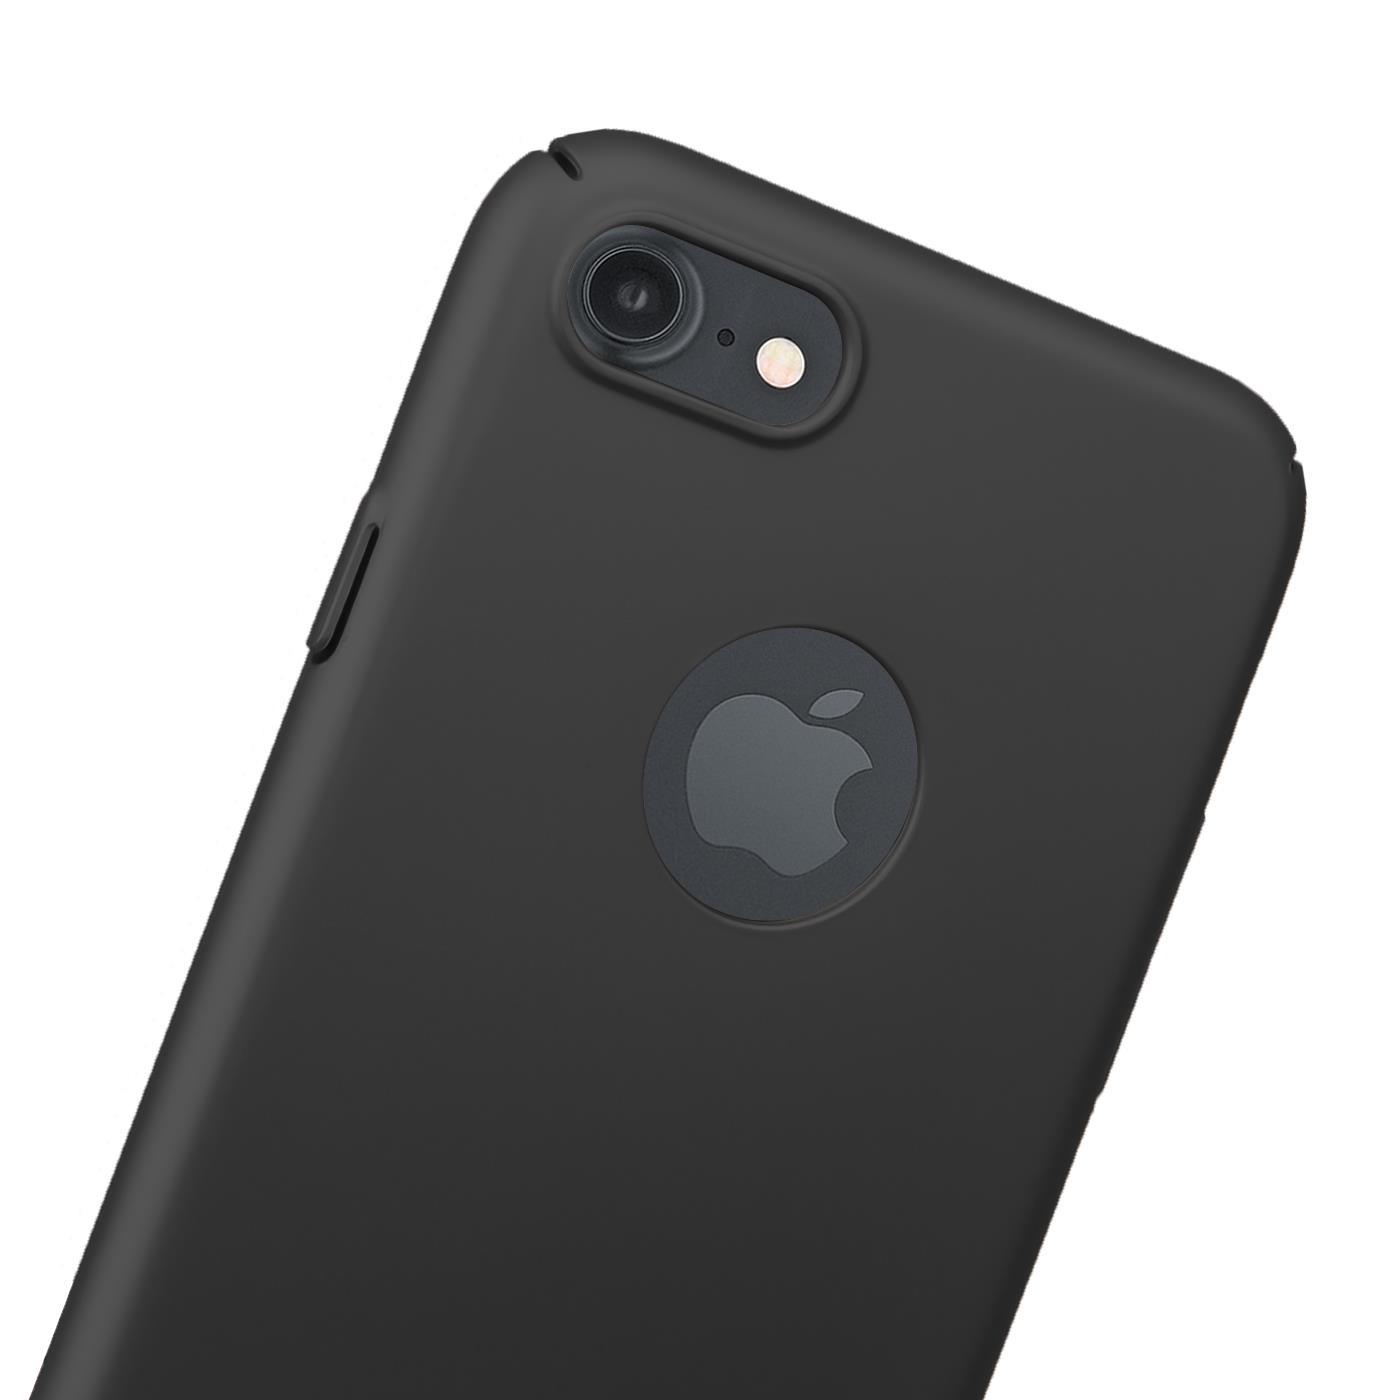 Slim-Cover-Schutzhuelle-Apple-iPhone-Handy-Schutz-Tasche-Huelle-Glas-Panzer-Folie Indexbild 11